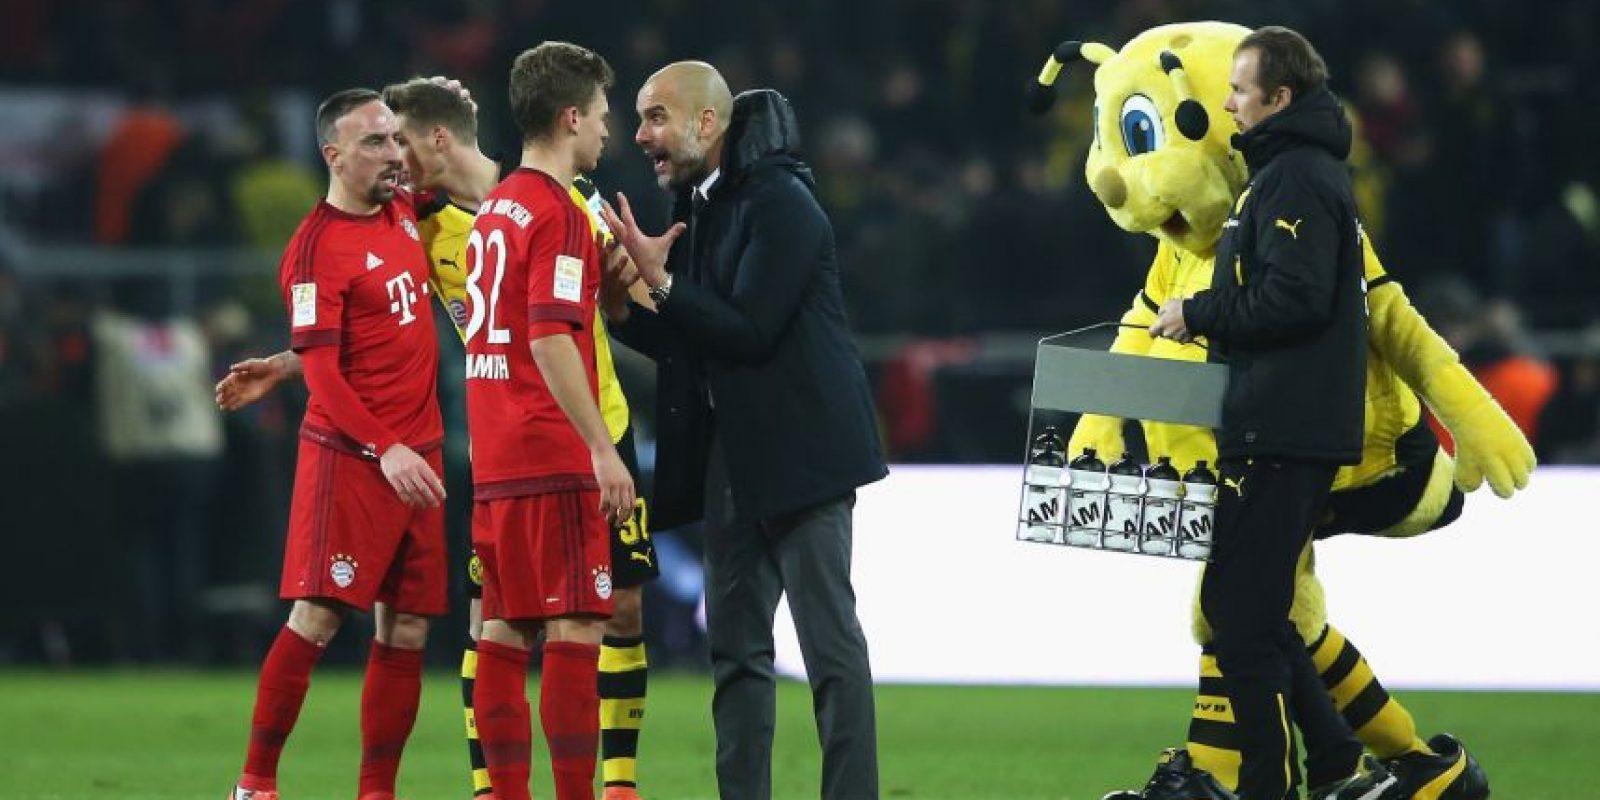 El DT español abordó al jugador al finalizar el partido y lo regañó. Foto:Getty Images